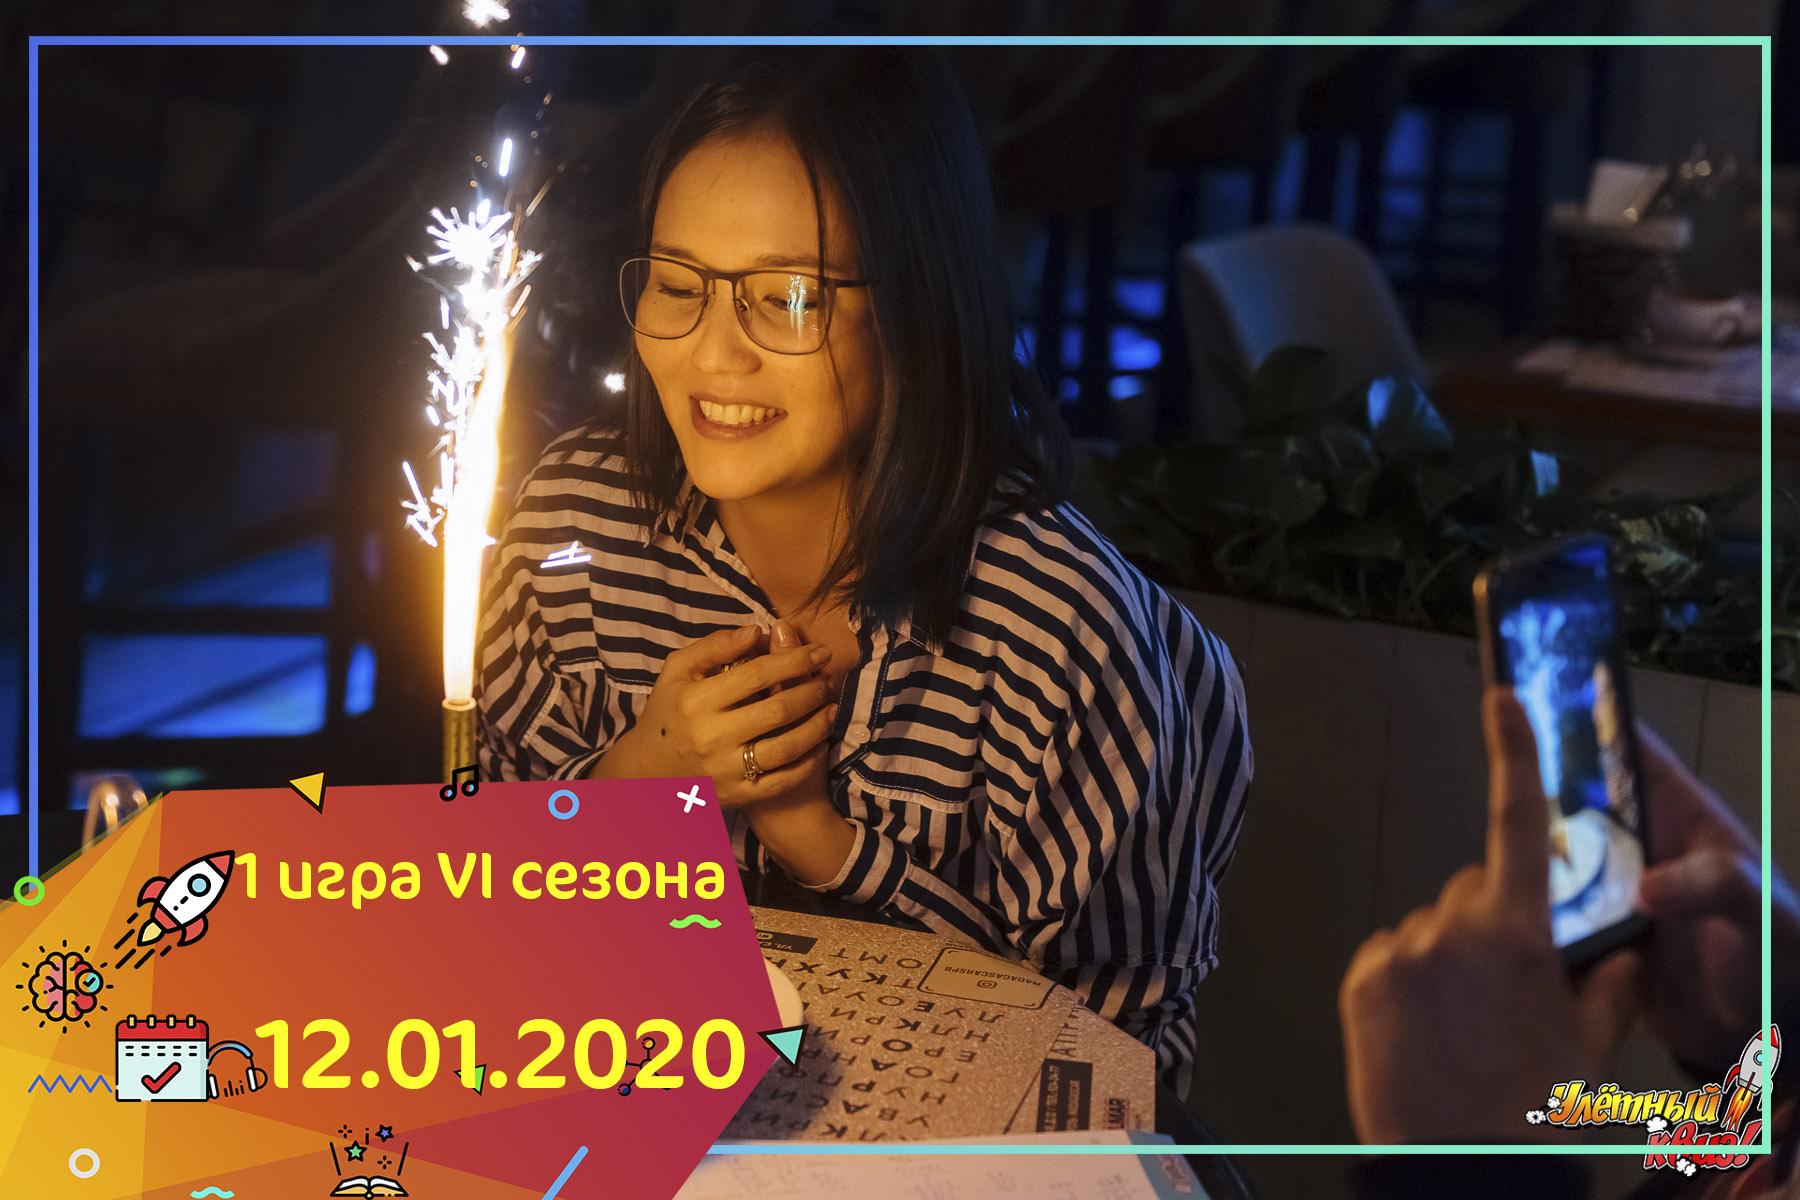 Игра № 1  VI сезон Улётный квиз 12.01.2020 (227 фото)